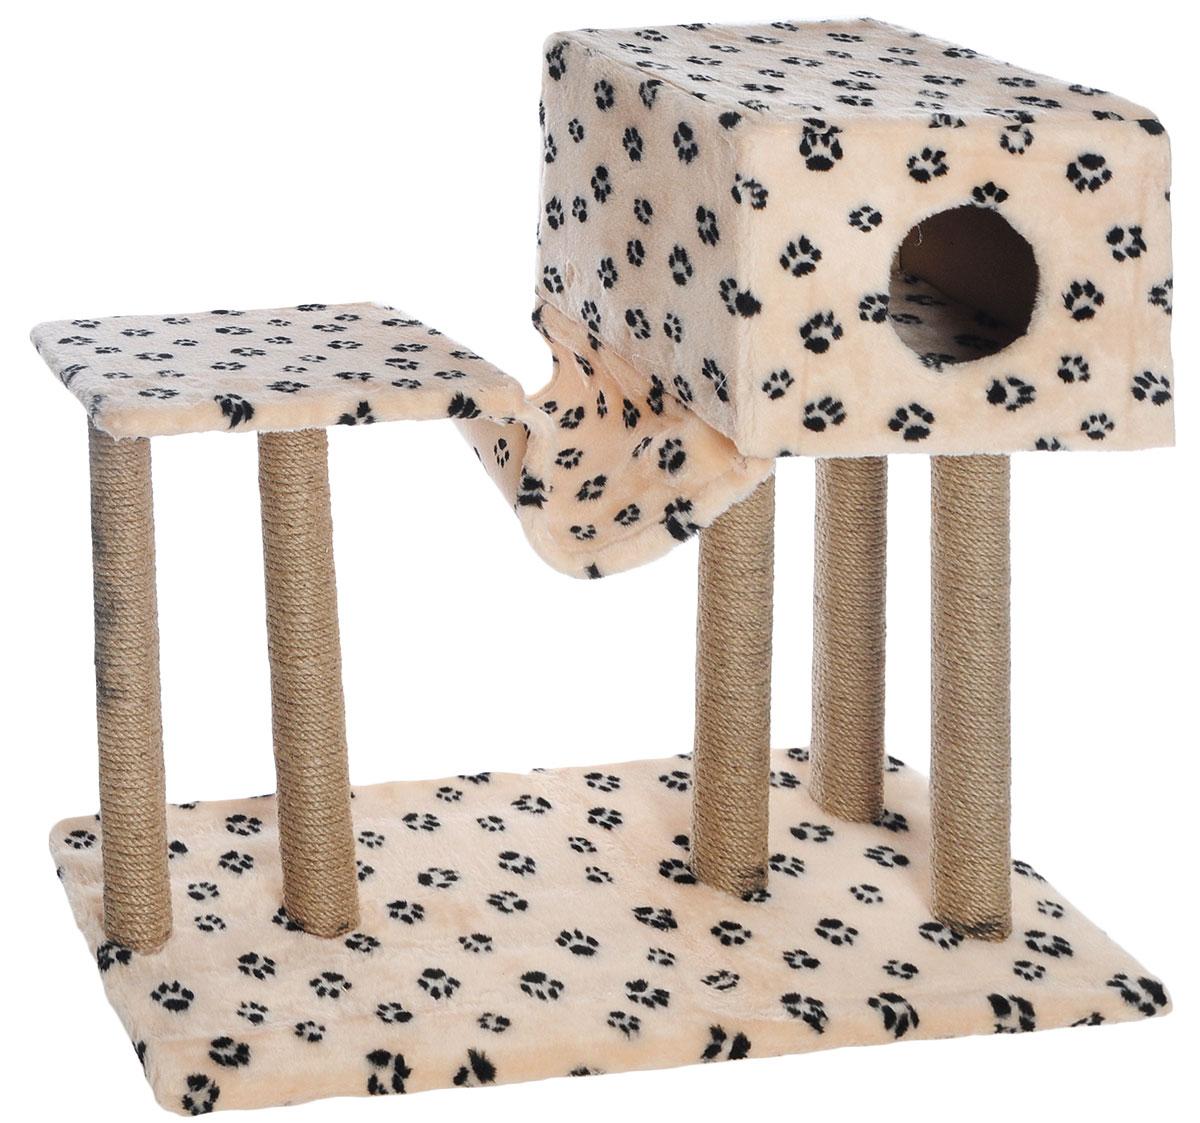 Игровой комплекс для кошек  Меридиан , с домиком и гамаком, цвет: бежевый, черный, 90 х 40 х 80 см - Когтеточки и игровые комплексы